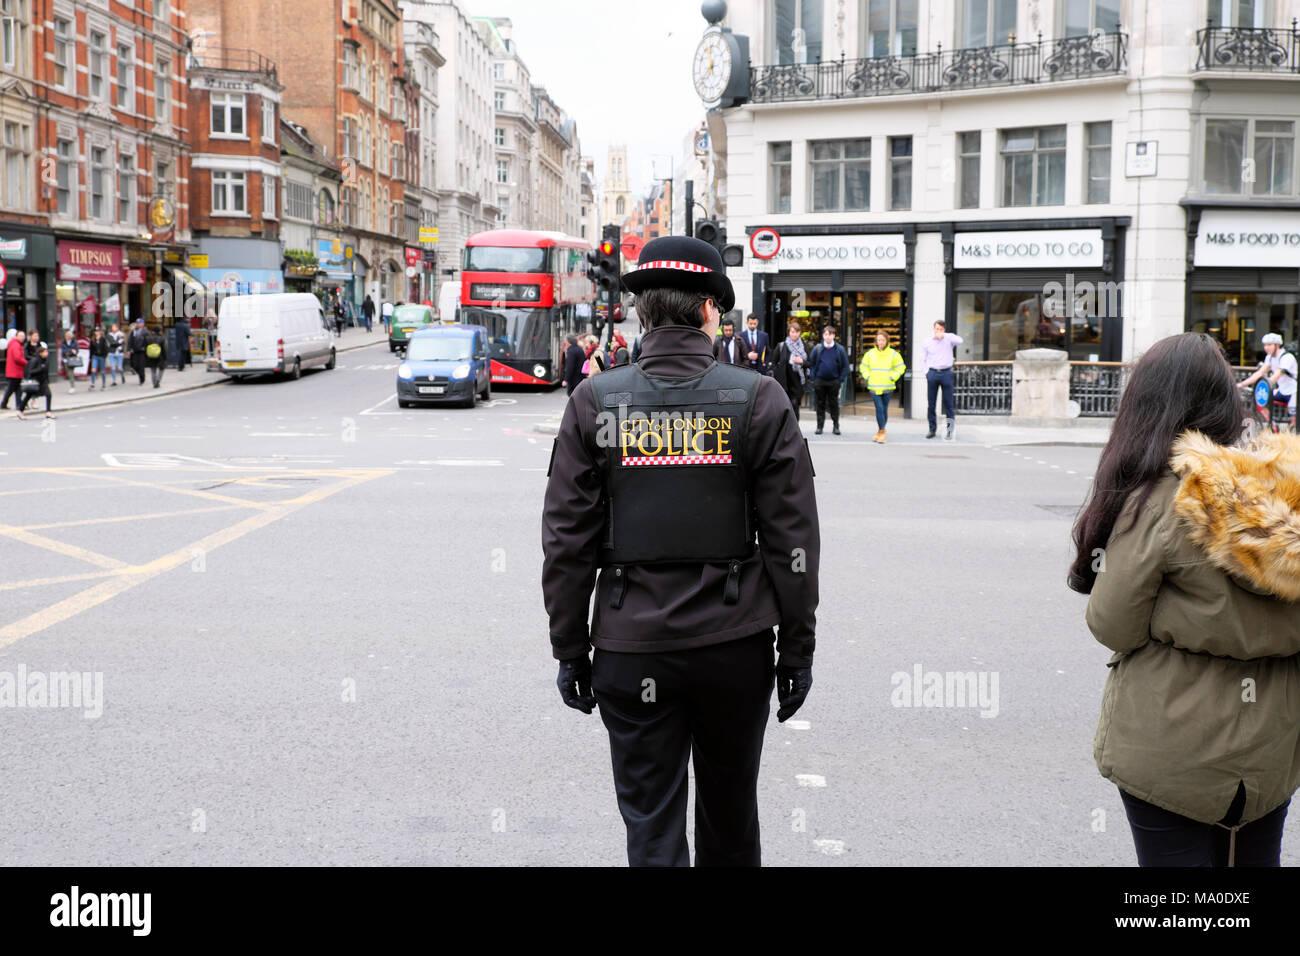 Vista posteriore poliziotta femmina City of London Police in uniforme sulla street nel centro di Londra Inghilterra UK Gran Bretagna KATHY DEWITT Immagini Stock